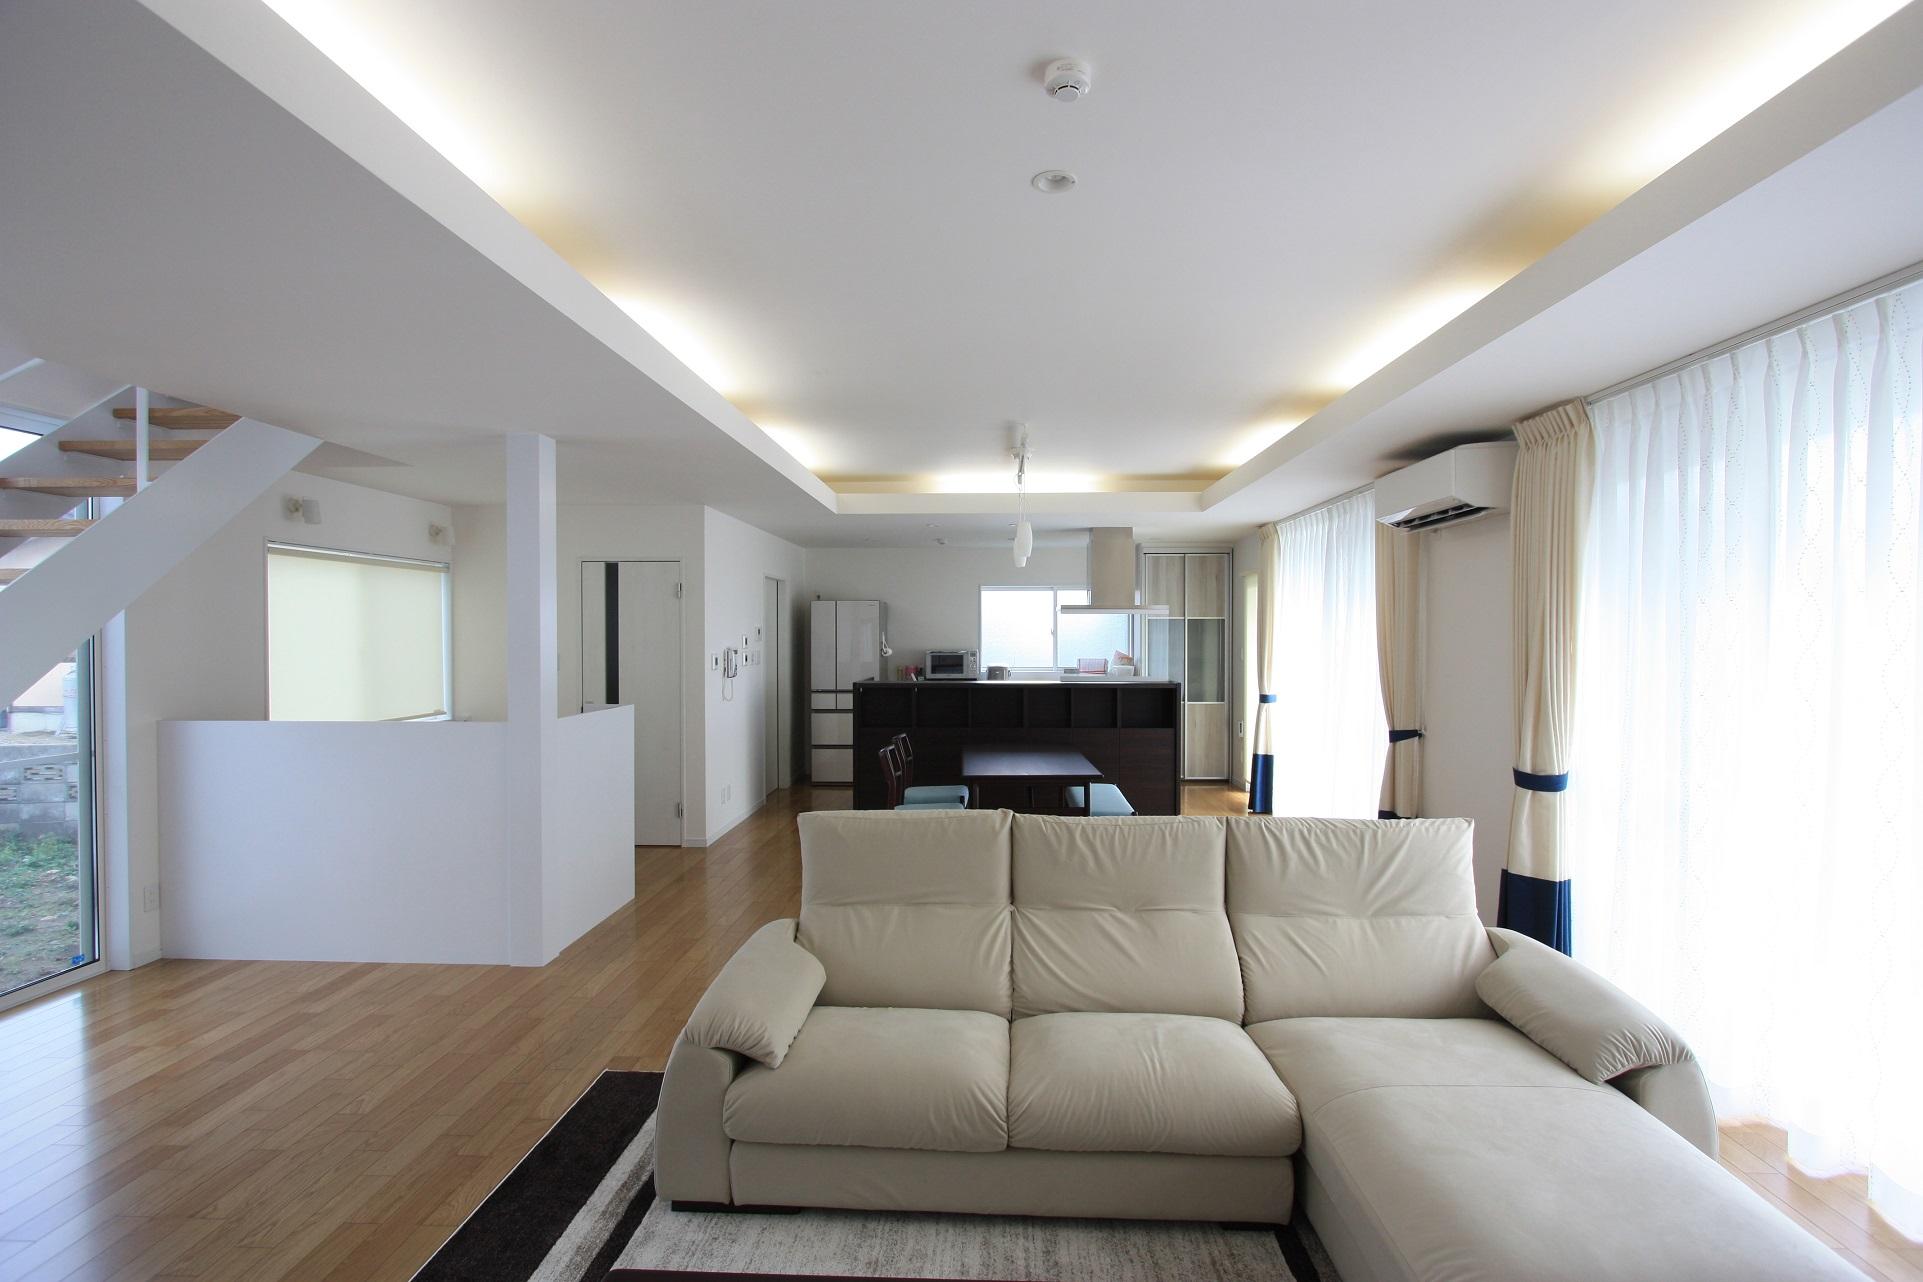 米沢市 O邸 完成写真_c0097137_17295962.jpg